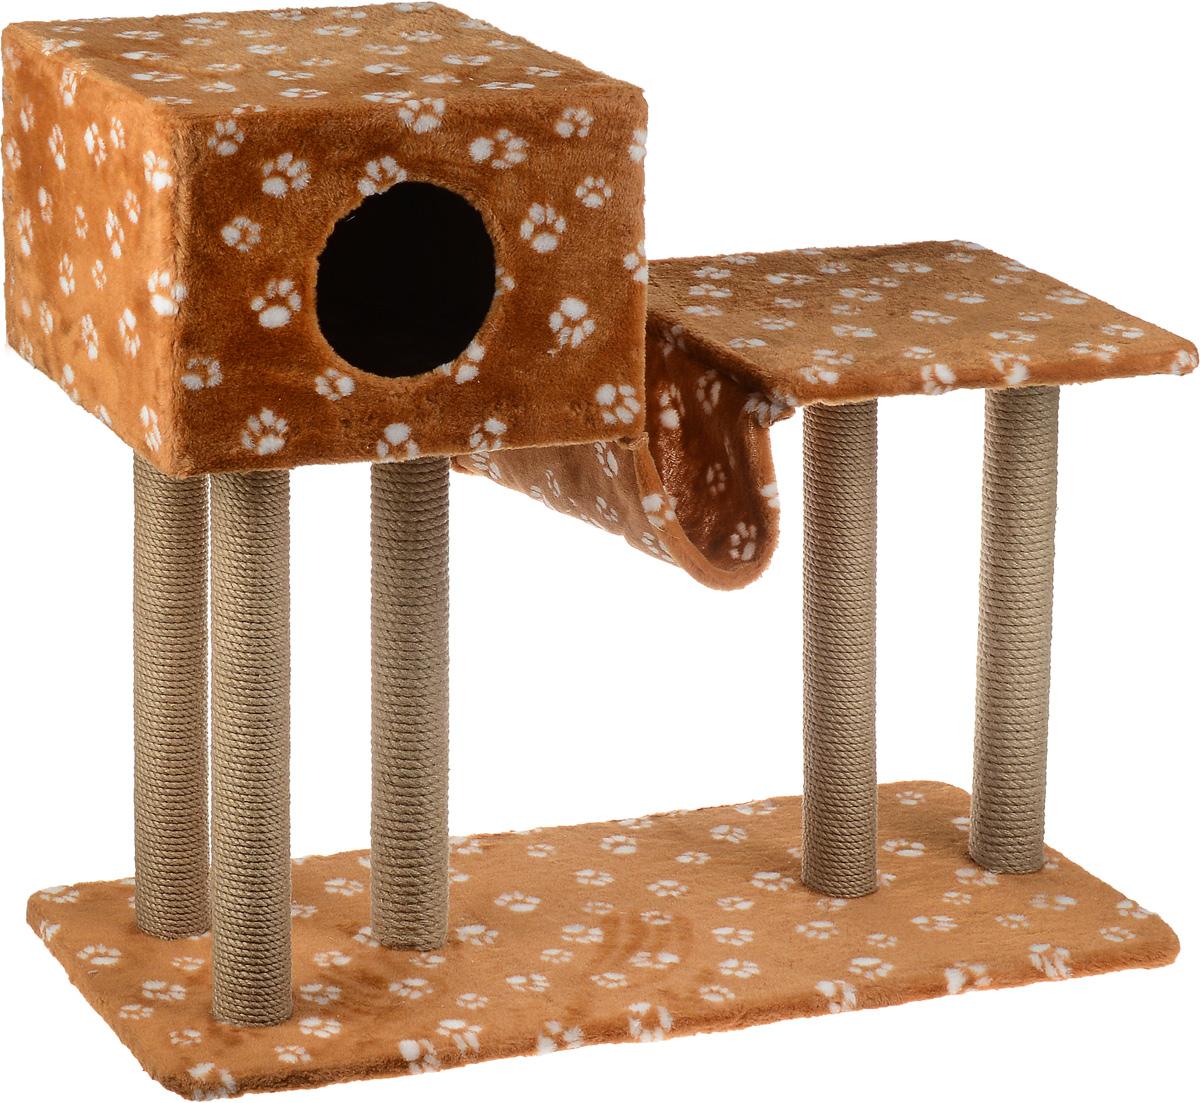 Игровой комплекс для кошек Меридиан, с домиком и гамаком, цвет: коричневый, белый, бежевый, 90 х 40 х 80 смД126 ЛаИгровой комплекс для кошек Меридиан выполнен из высококачественного ДВП и ДСП и обтянут искусственным мехом. Изделие предназначено для кошек. Ваш домашний питомец будет с удовольствием точить когти о специальные столбики, изготовленные из джута. А отдохнуть он сможет в домике, на полках или в удобном гамаке.Общий размер: 90 х 40 х 80 см.Размер основания: 90 х 40 см.Высота полки: 53 см.Размер домика: 40 х 40 х 28 см.Размер полки: 39 х 39 см.